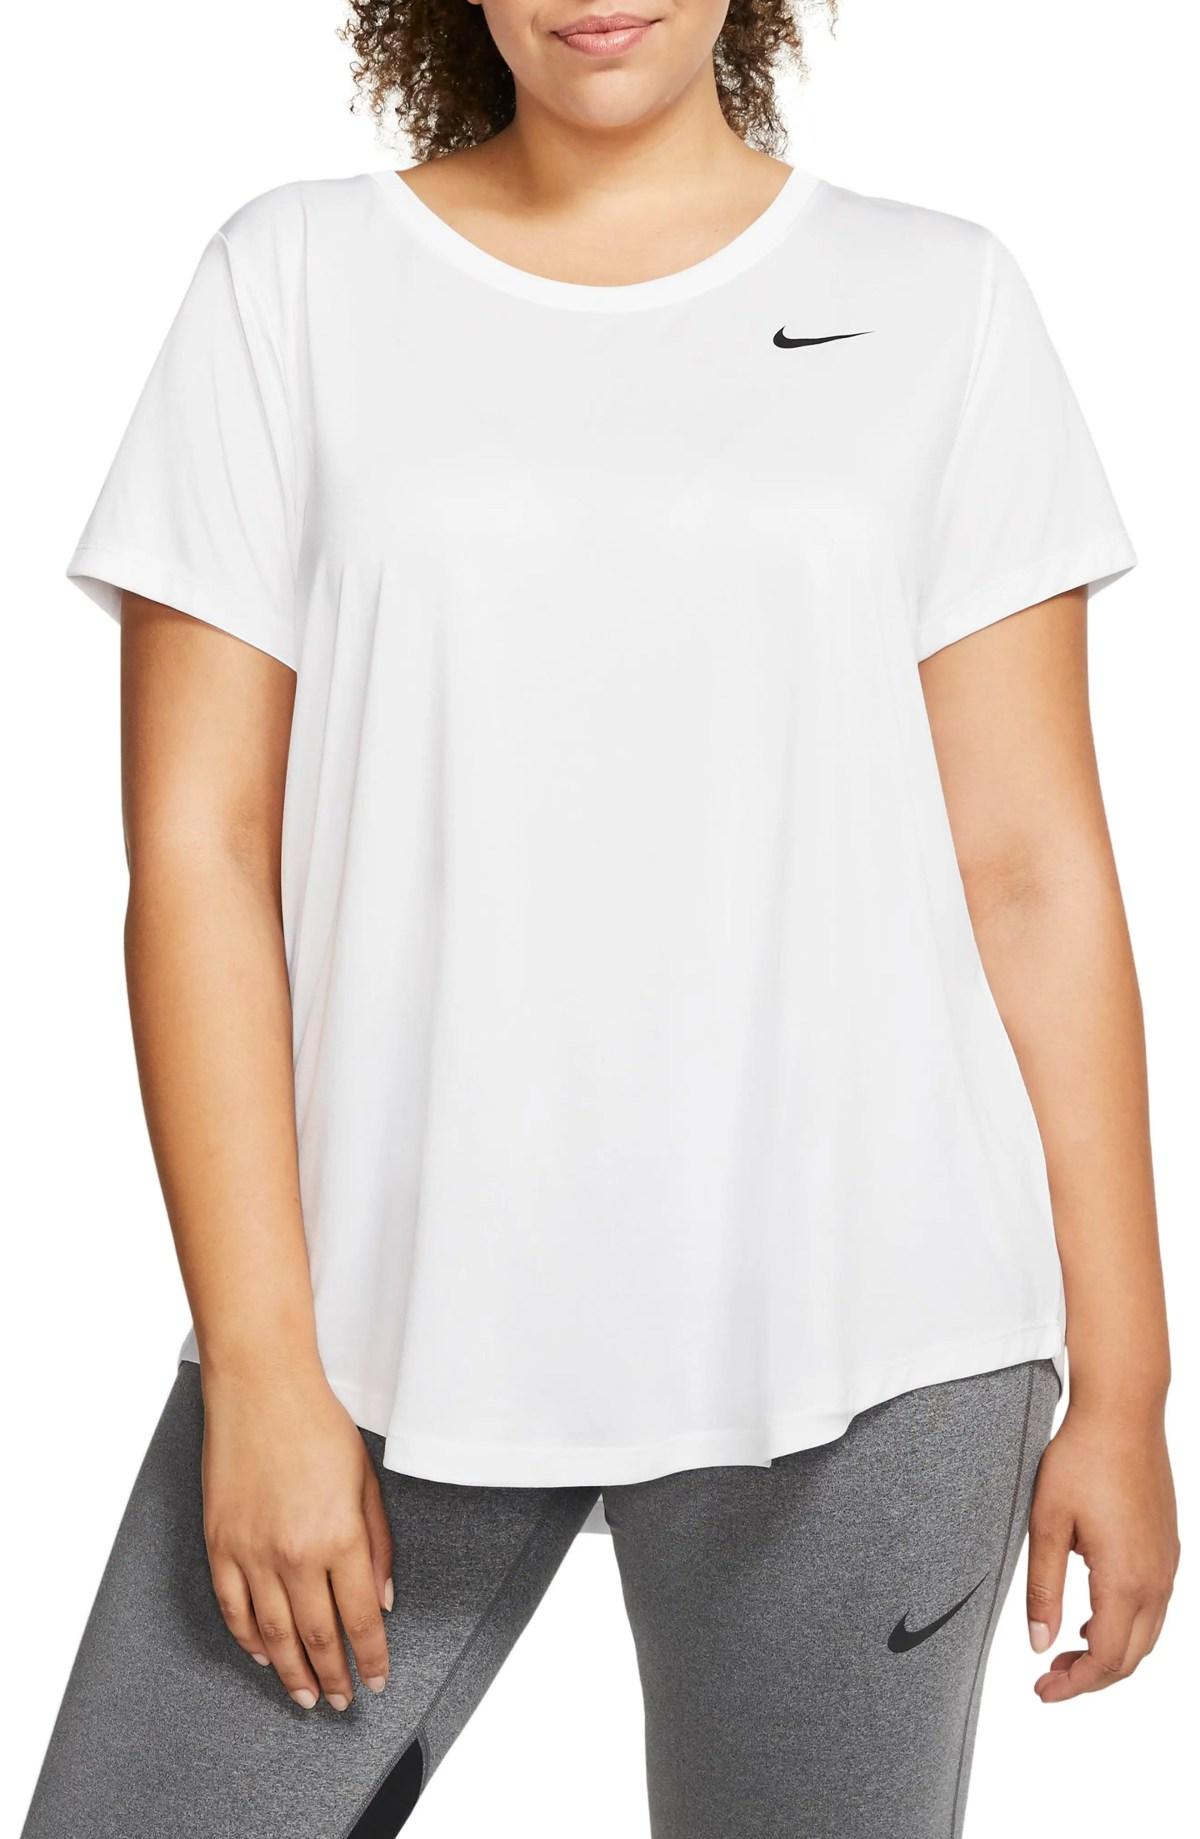 NIKE Dri-FIT Legend T-Shirt, Main, color, WHITE/BLACK